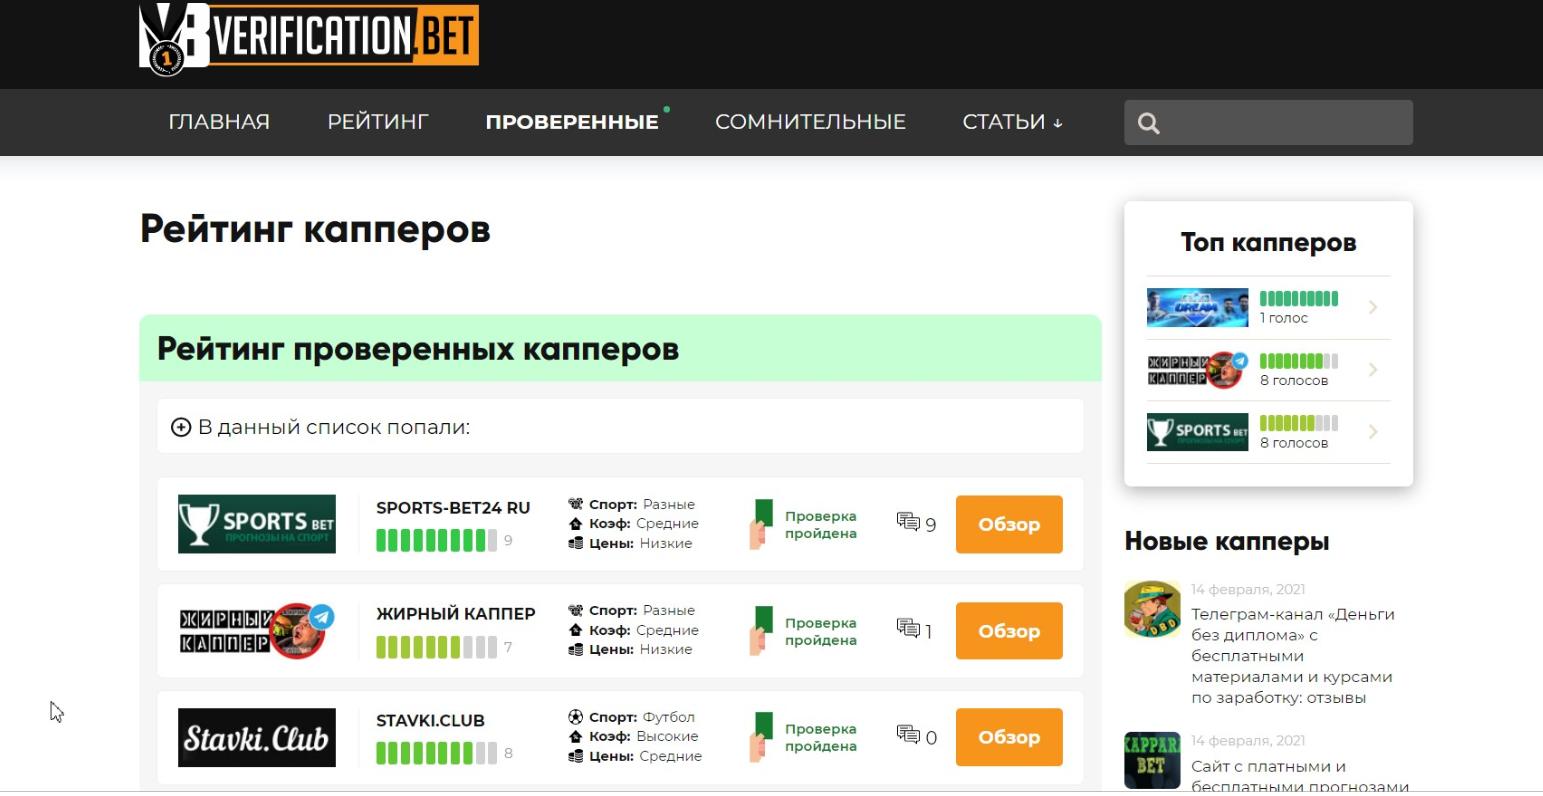 Проверка капперов на верификаторе verification.bet